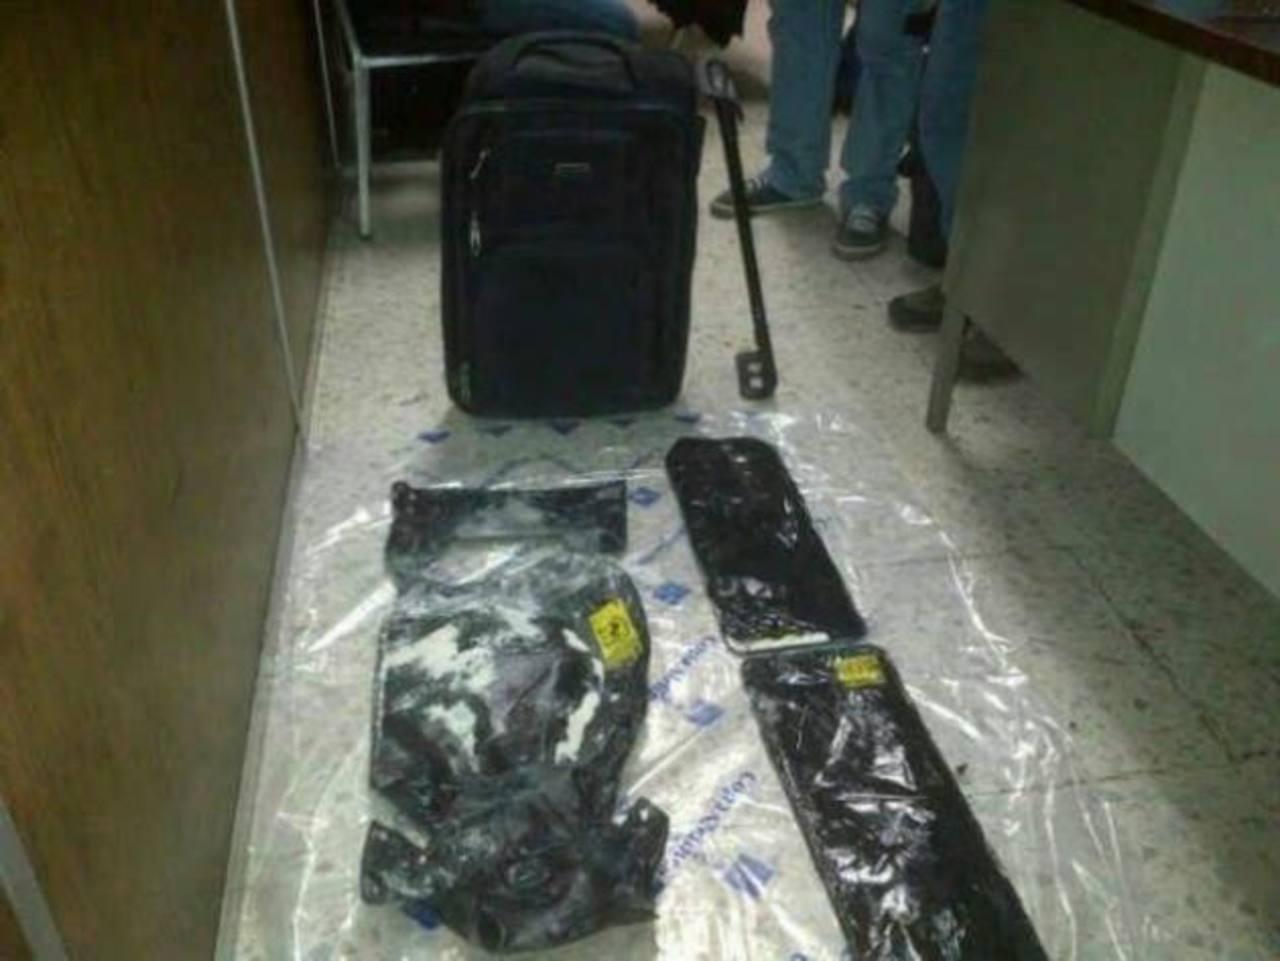 Los detenidos llevaban la droga oculta en parte de su equipaje. Foto / Cortesía FGR